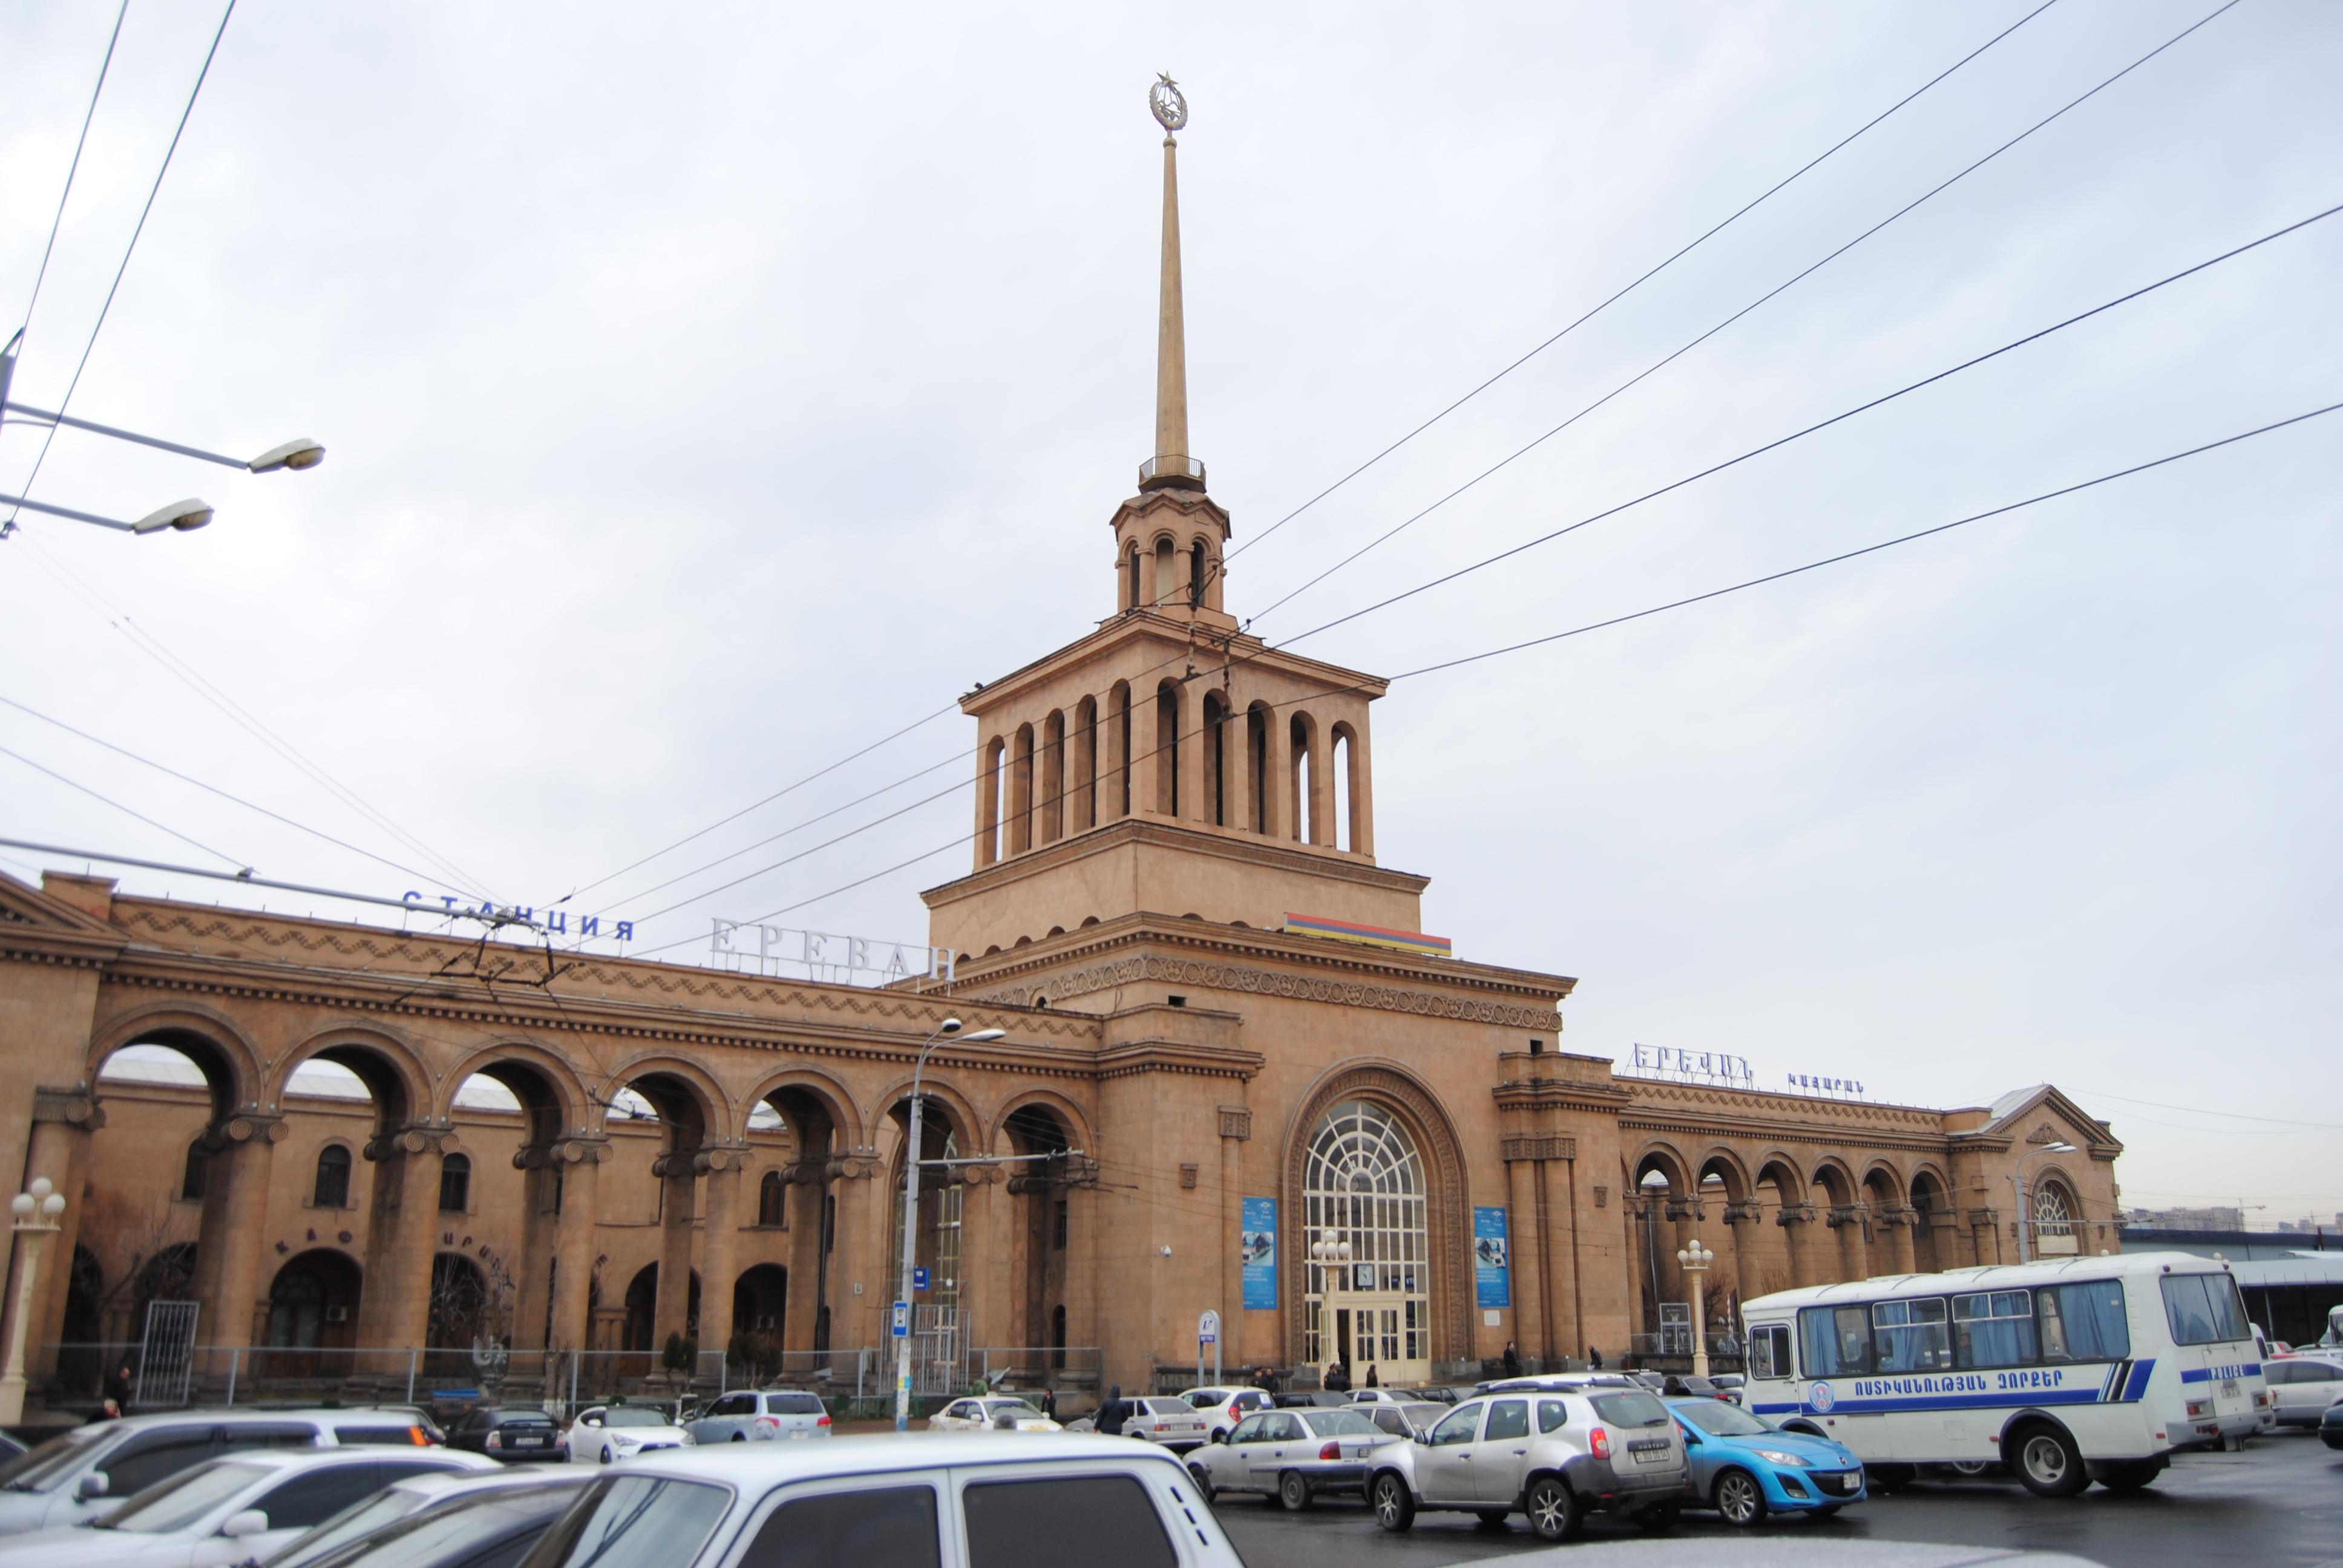 Estación de tren de Ereván